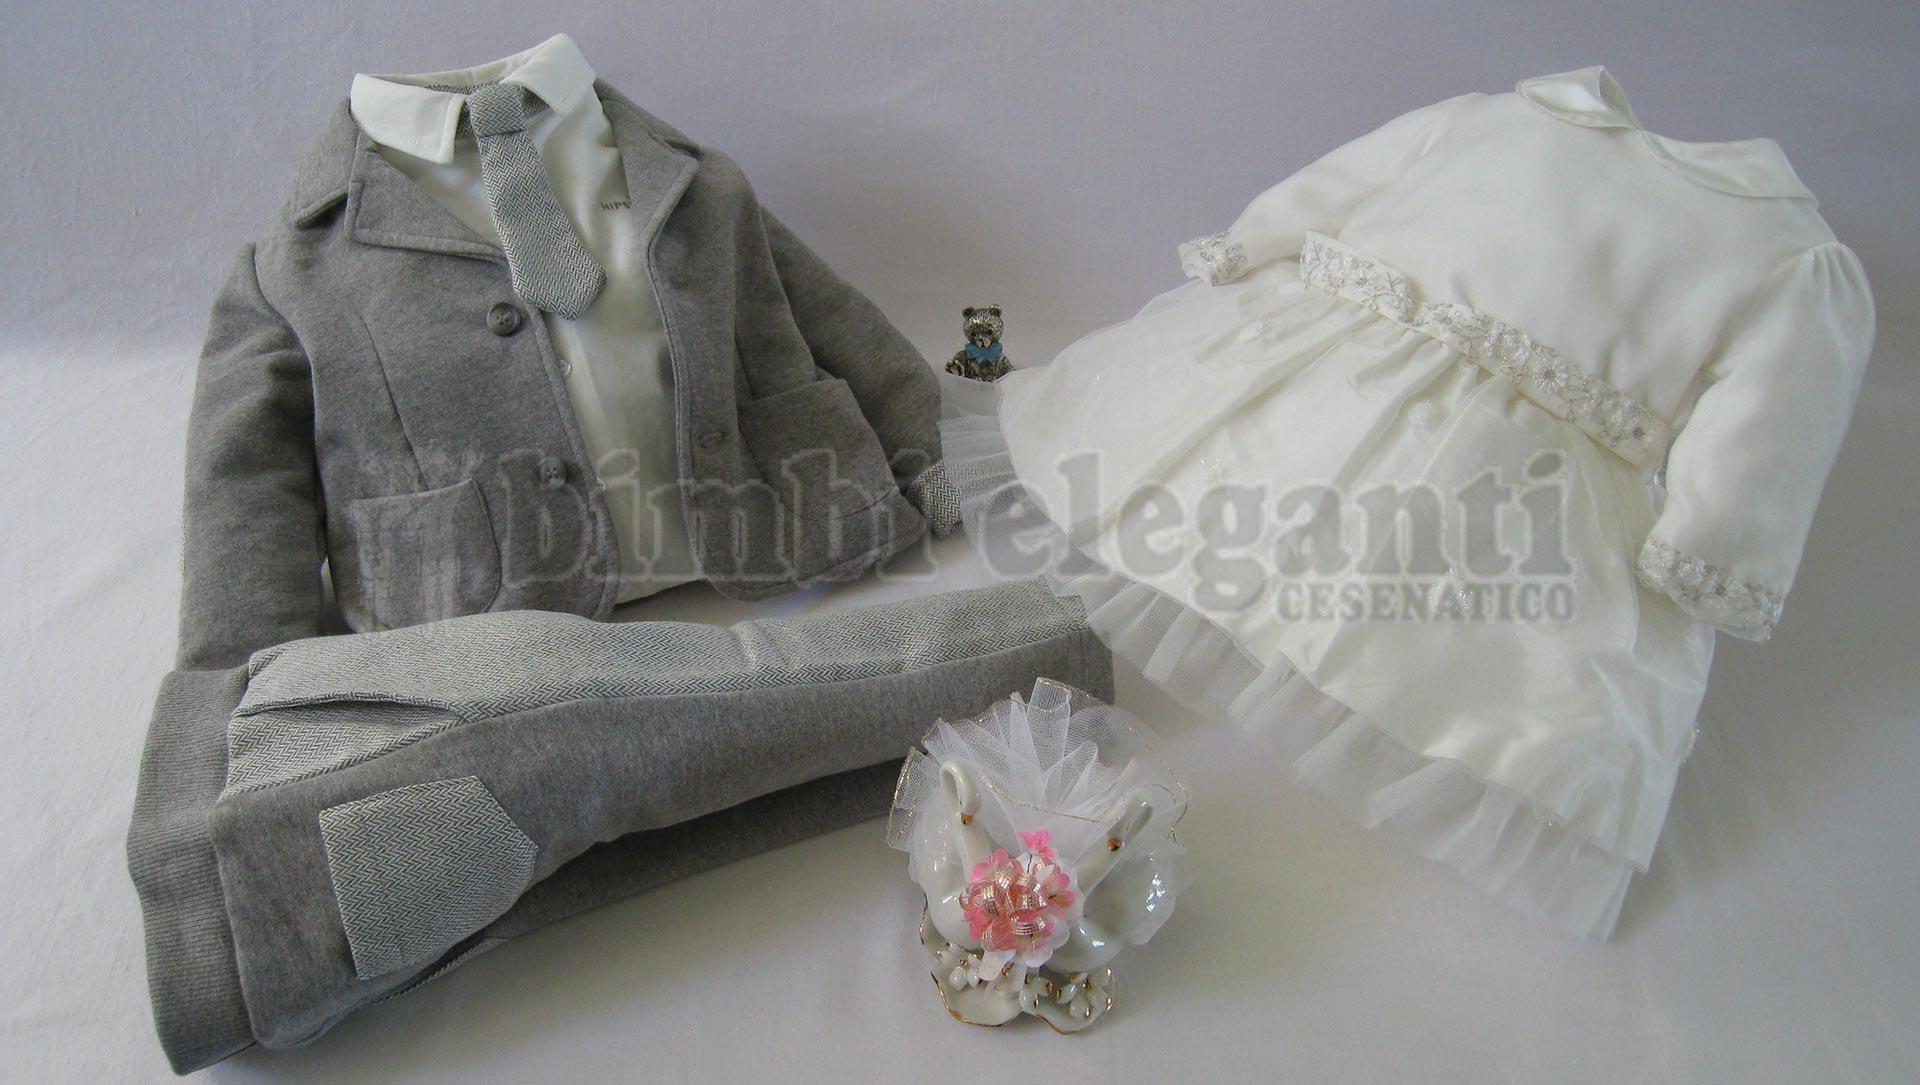 Cesenatico per BIMBI elegante Abbigliamento il Battesimo ELEGANTI SPzBOOqw